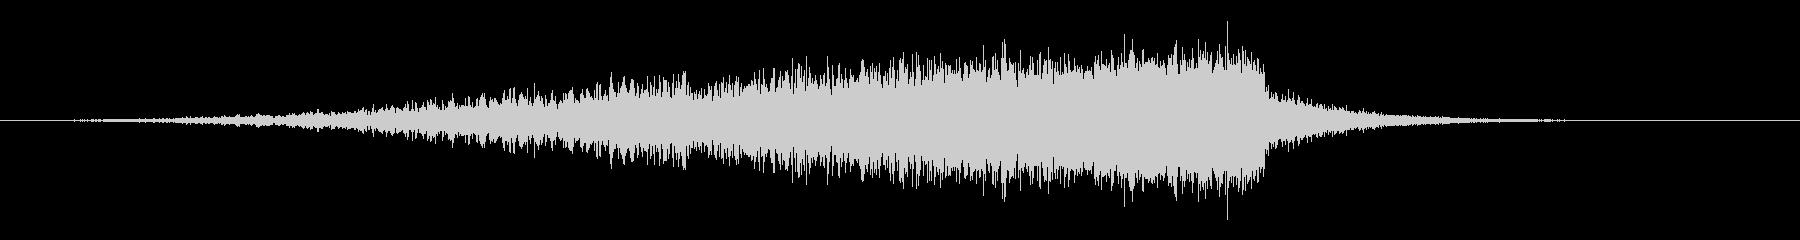 シュォオ(ドラゴンボール風のチャージ音)の未再生の波形